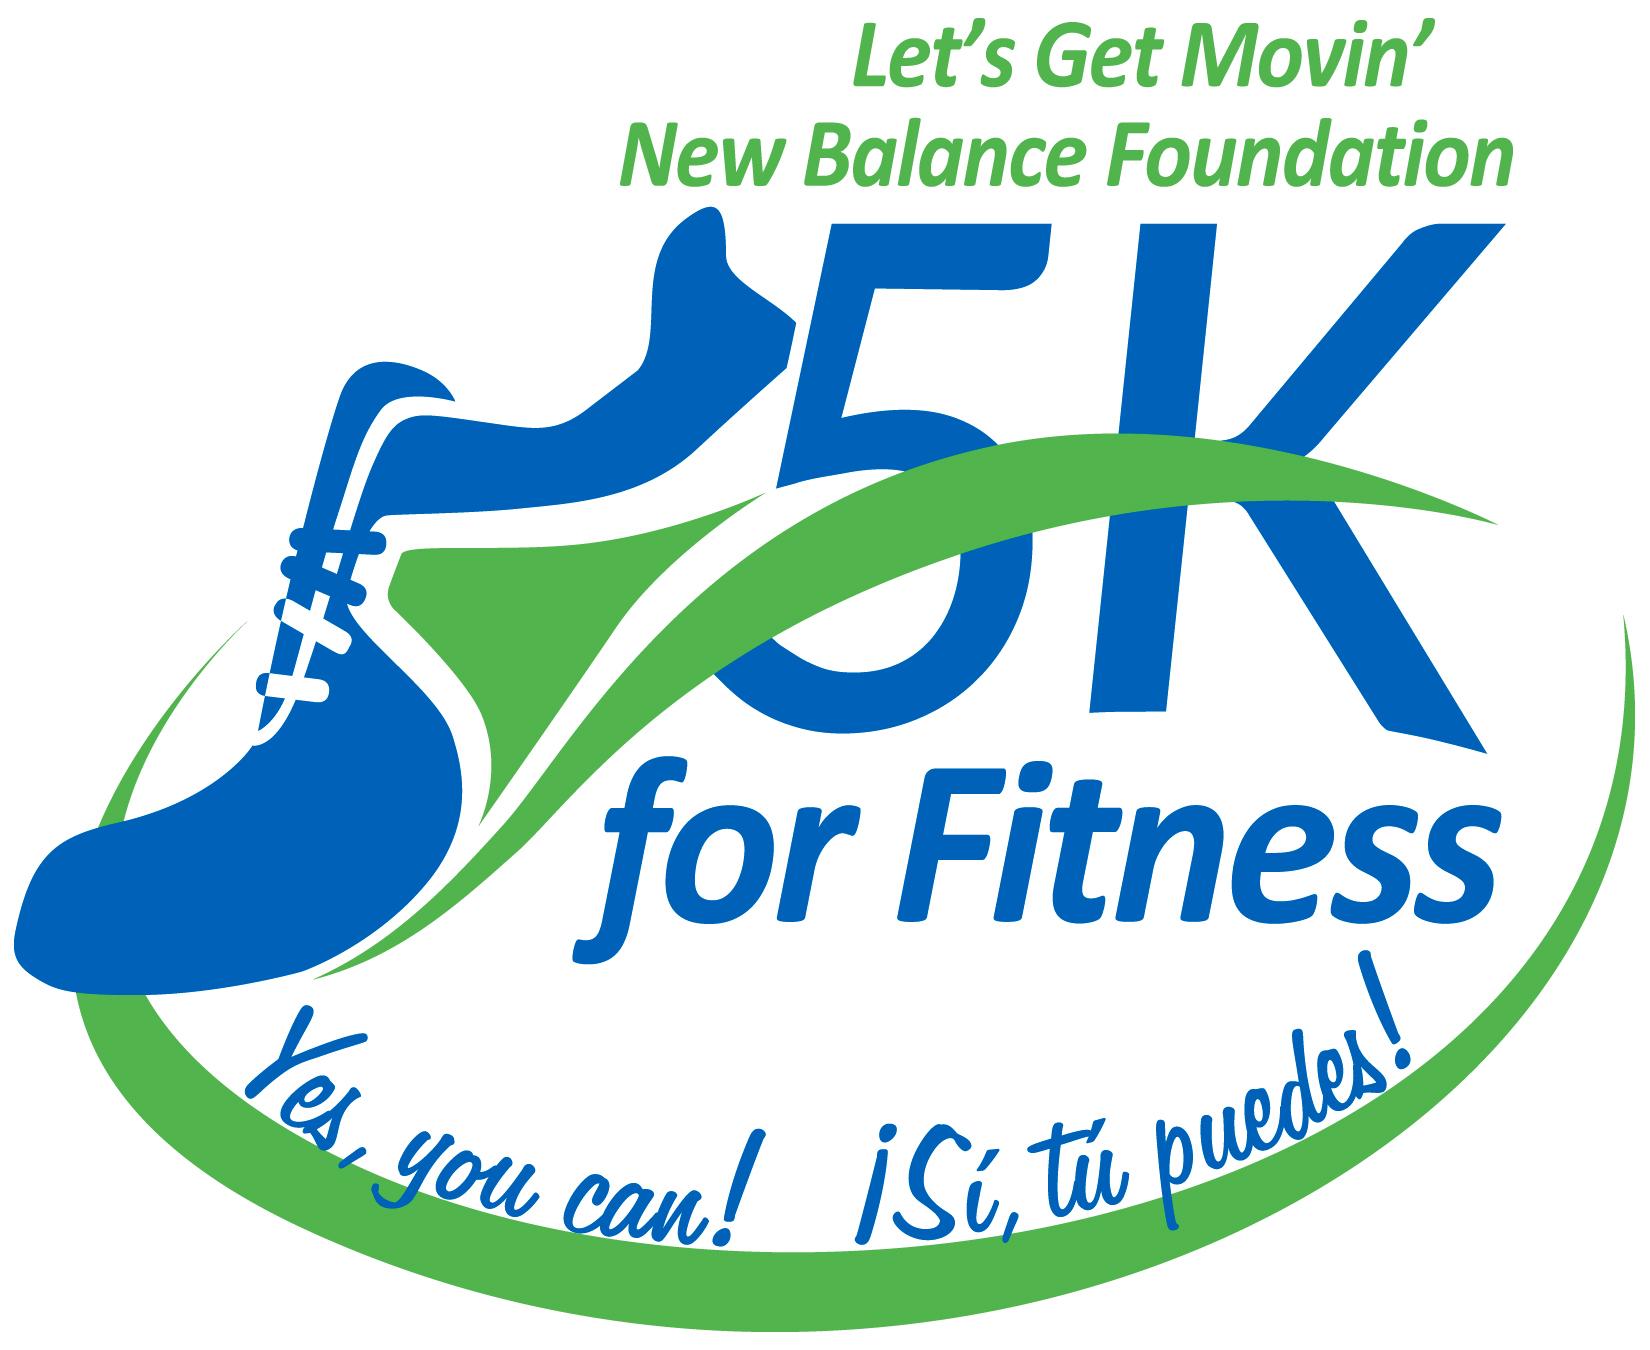 Lgm 5kforfitness logo